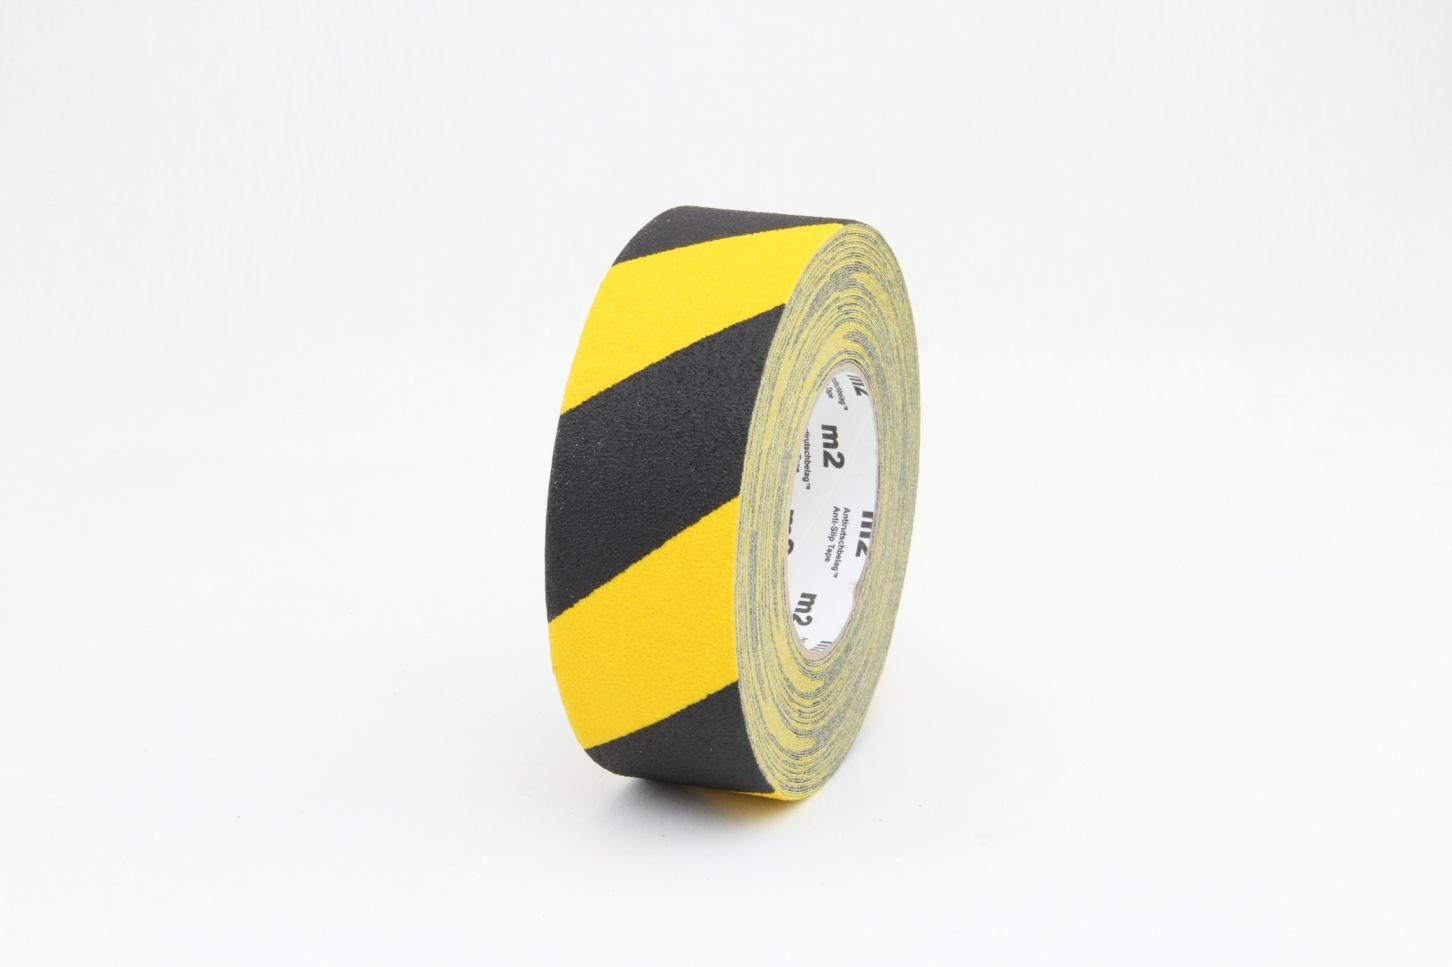 Taśma antypoślizgowa elastyczna żółto-czarna R13